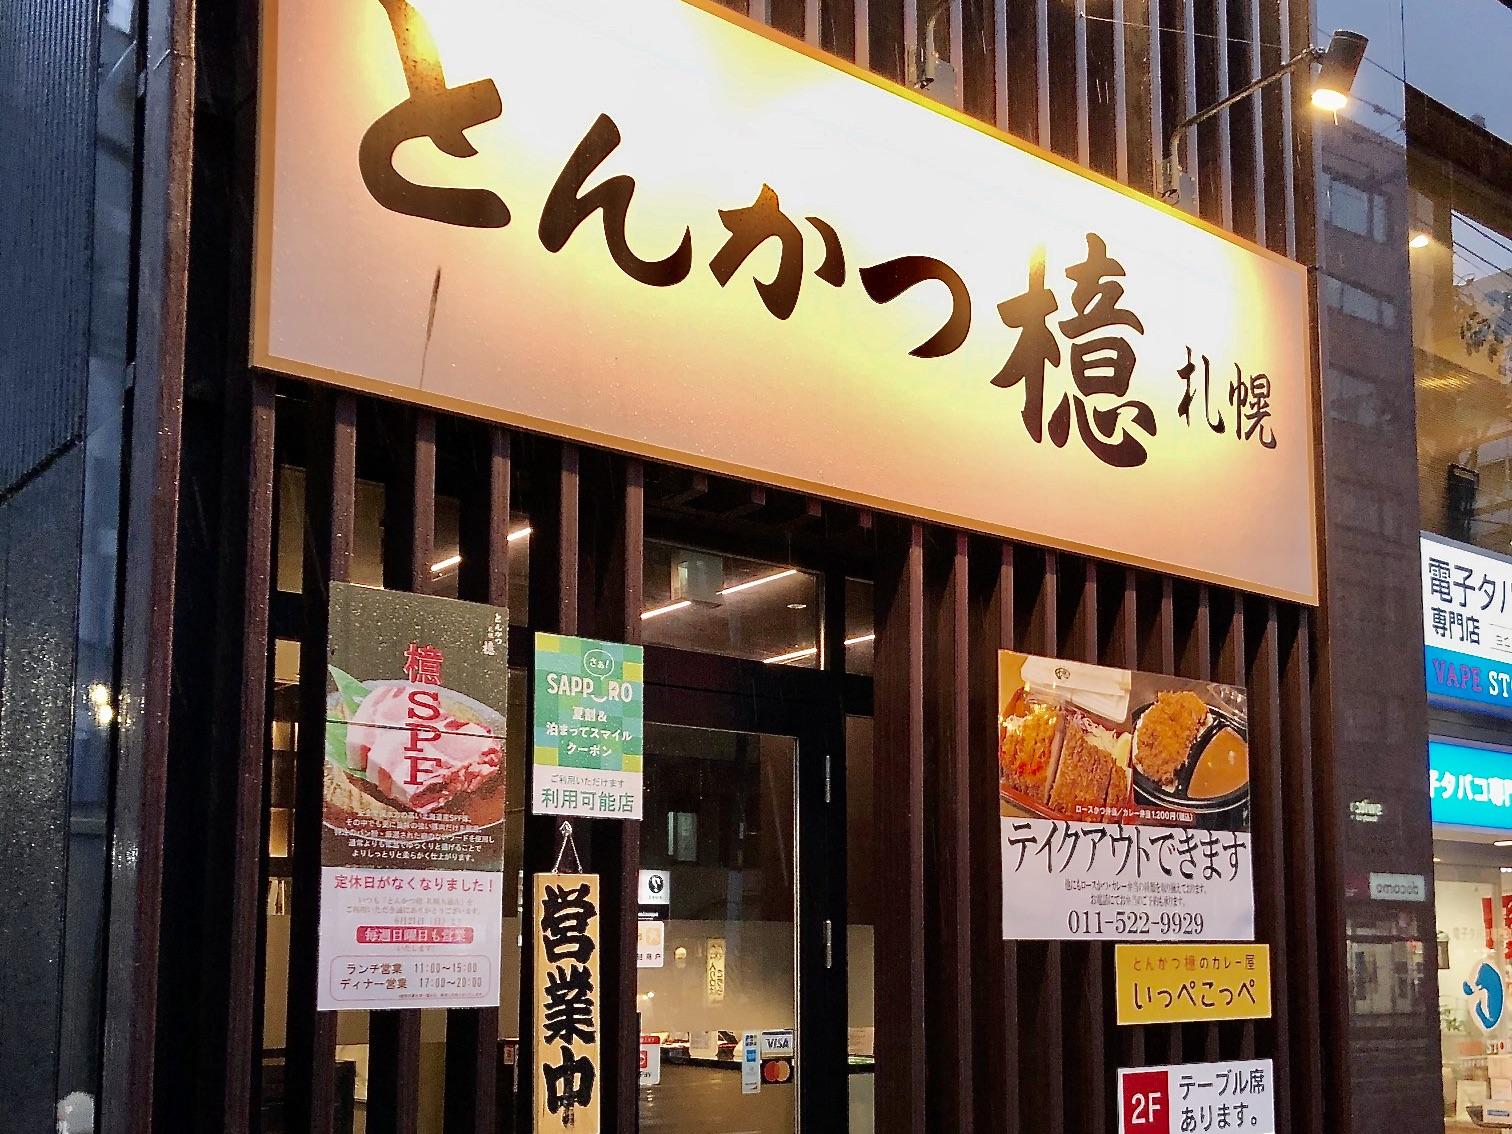 とんかつ檍 札幌大通店(&いっぺこっぺ)